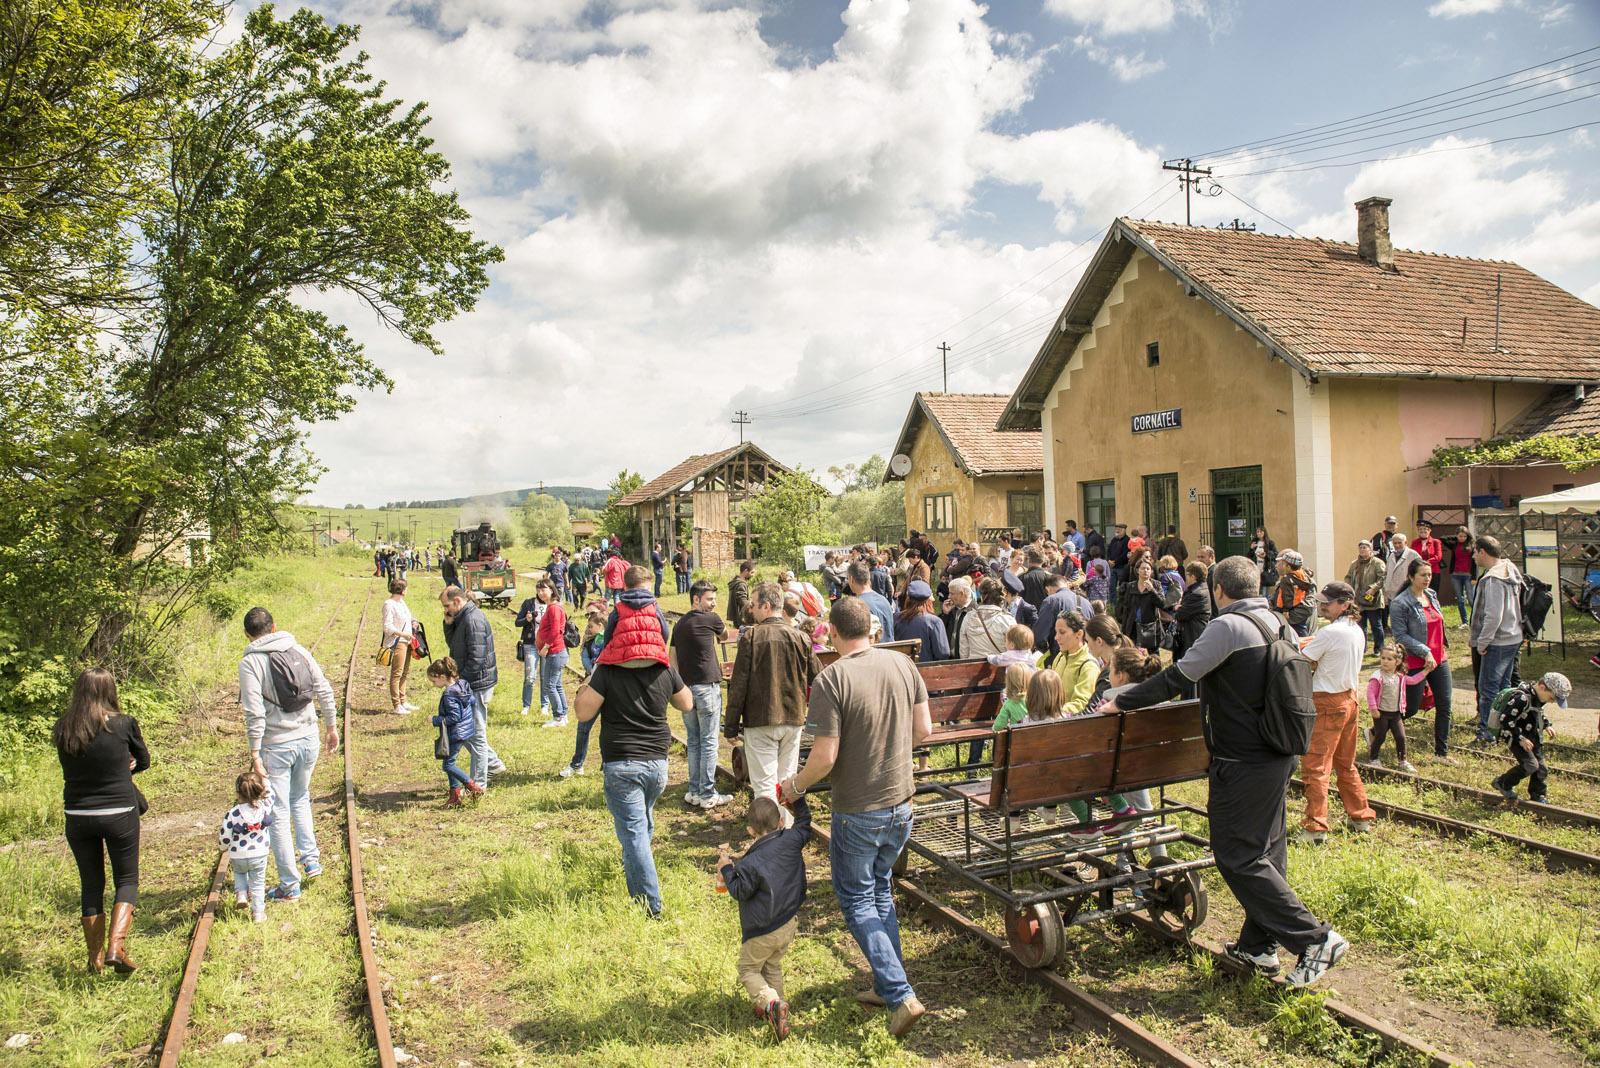 Schmalspurbahn auf der Harbachtalbahn in Rumänien (Zilele Mocăniței)